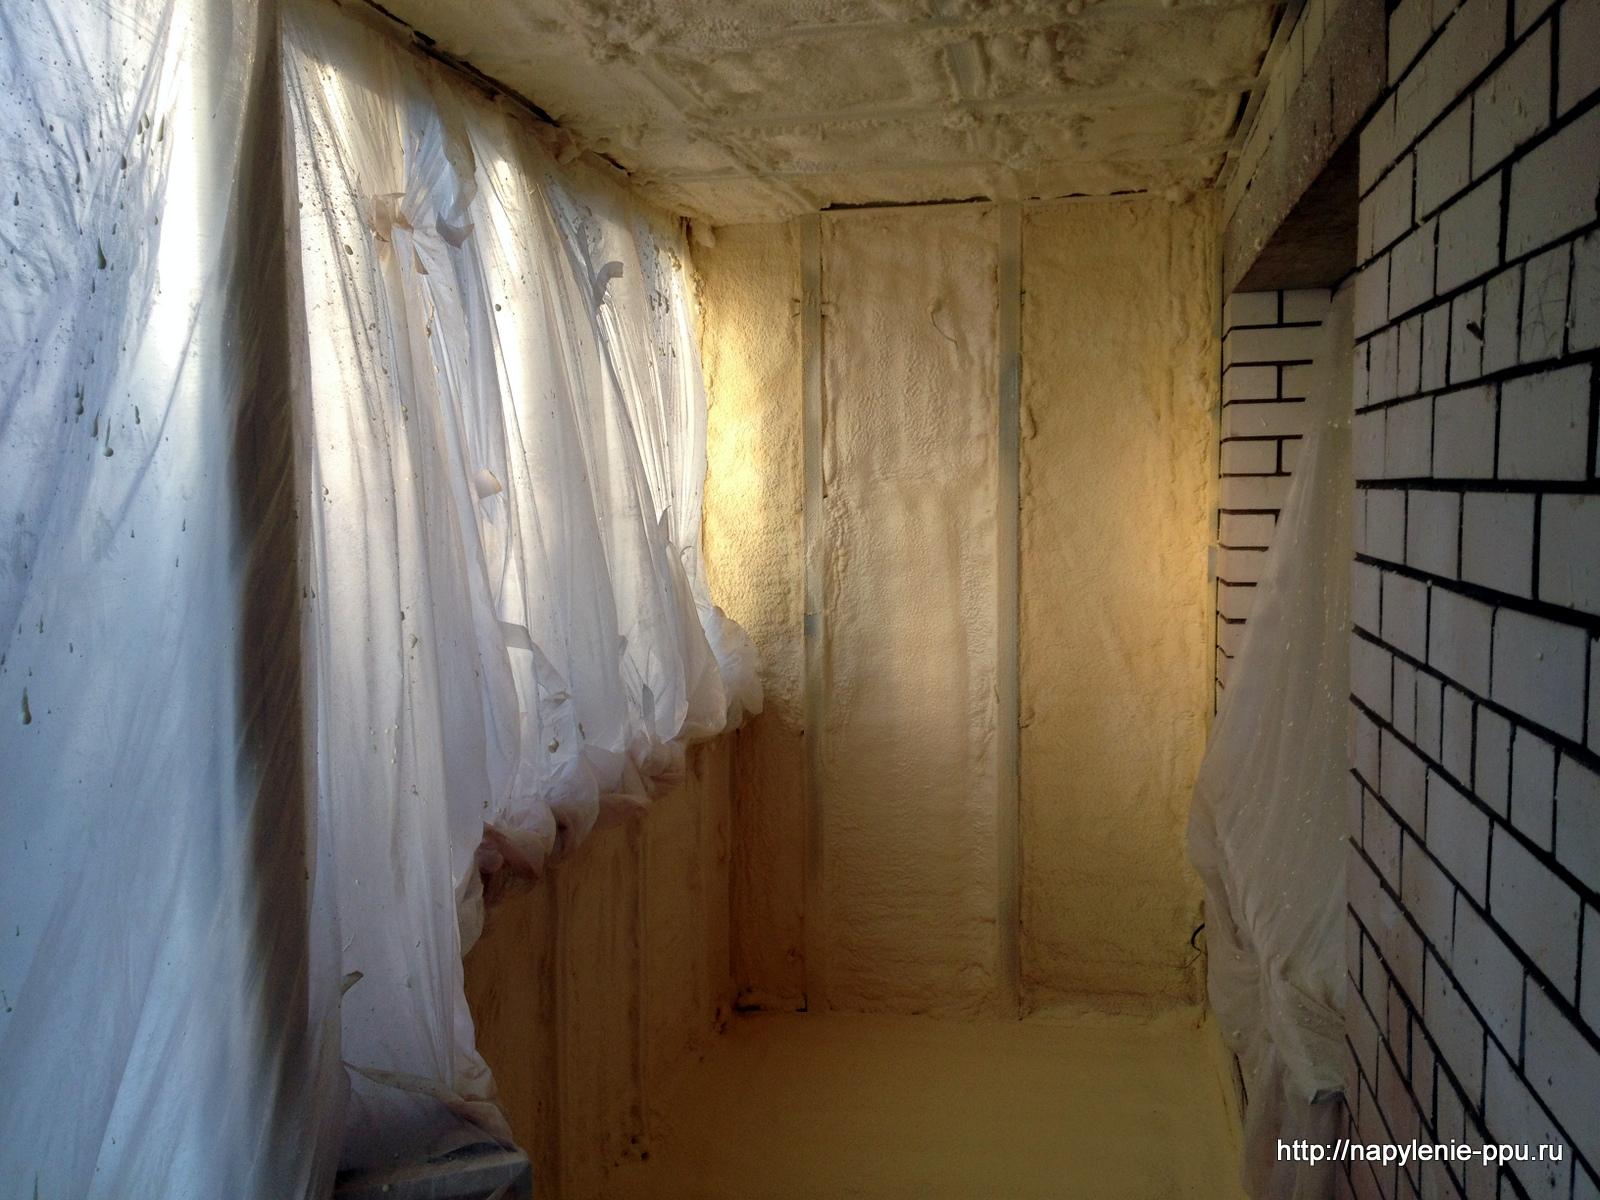 Утепление балкона ппу(пенополиуретаном) своими руками: фото, видео